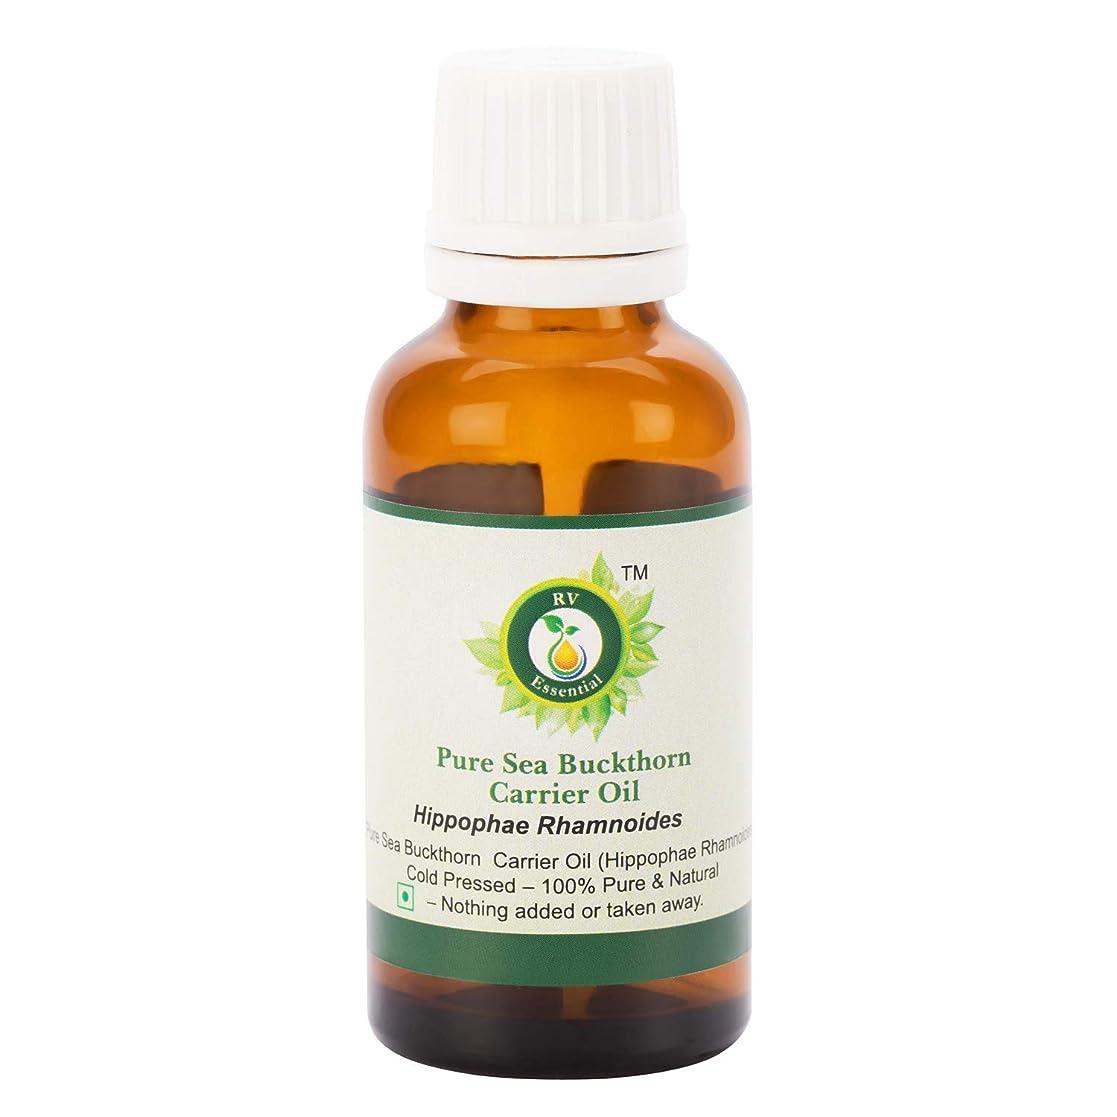 結婚した毒性比類なきピュアSea Buckthornキャリアオイル300ml (10oz)- Hippophae Rhamnoides (100%ピュア&ナチュラルコールドPressed) Pure Sea Buckthorn Carrier Oil